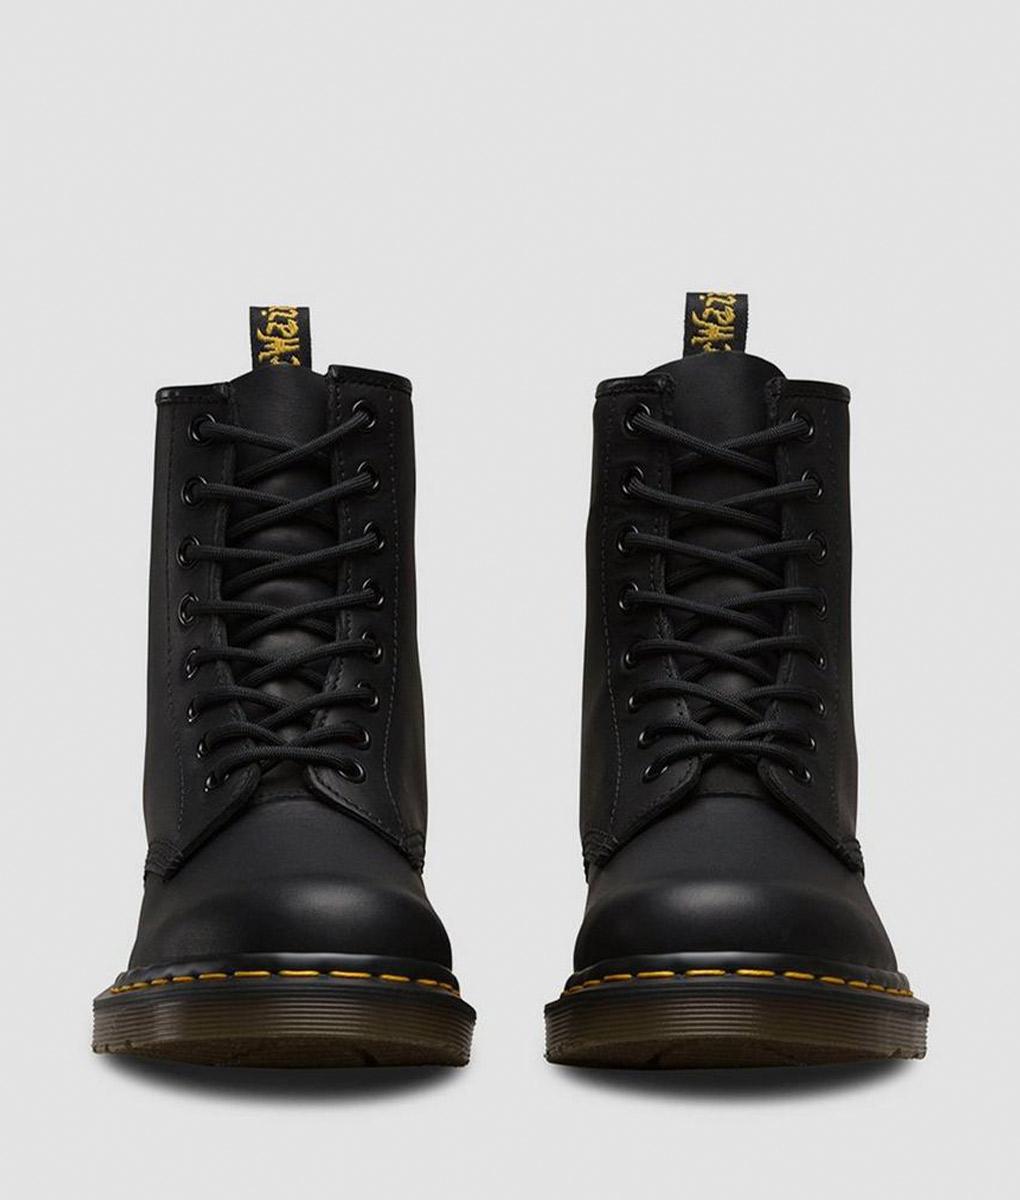 Los Angeles Darmowa dostawa oficjalny dostawca DR MARTENS Women Ankle Boots 11822003 1460 GREASY, Black